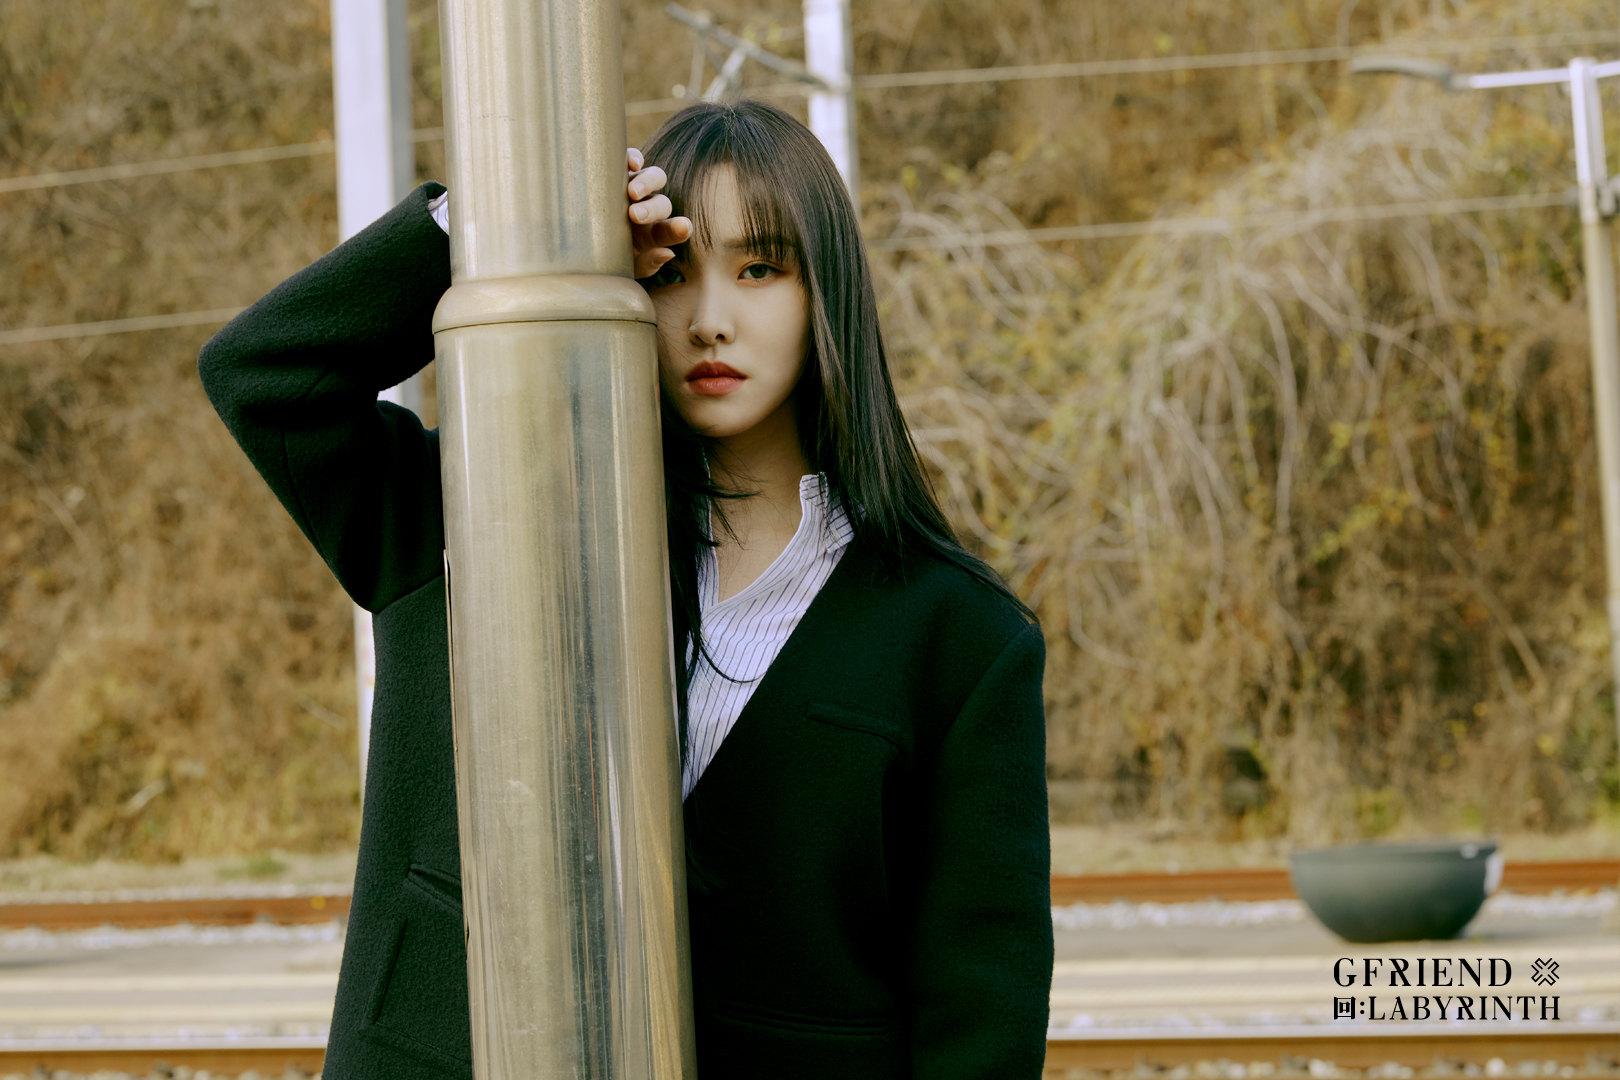 GFRIEND Yuju Labyrinth Teaser